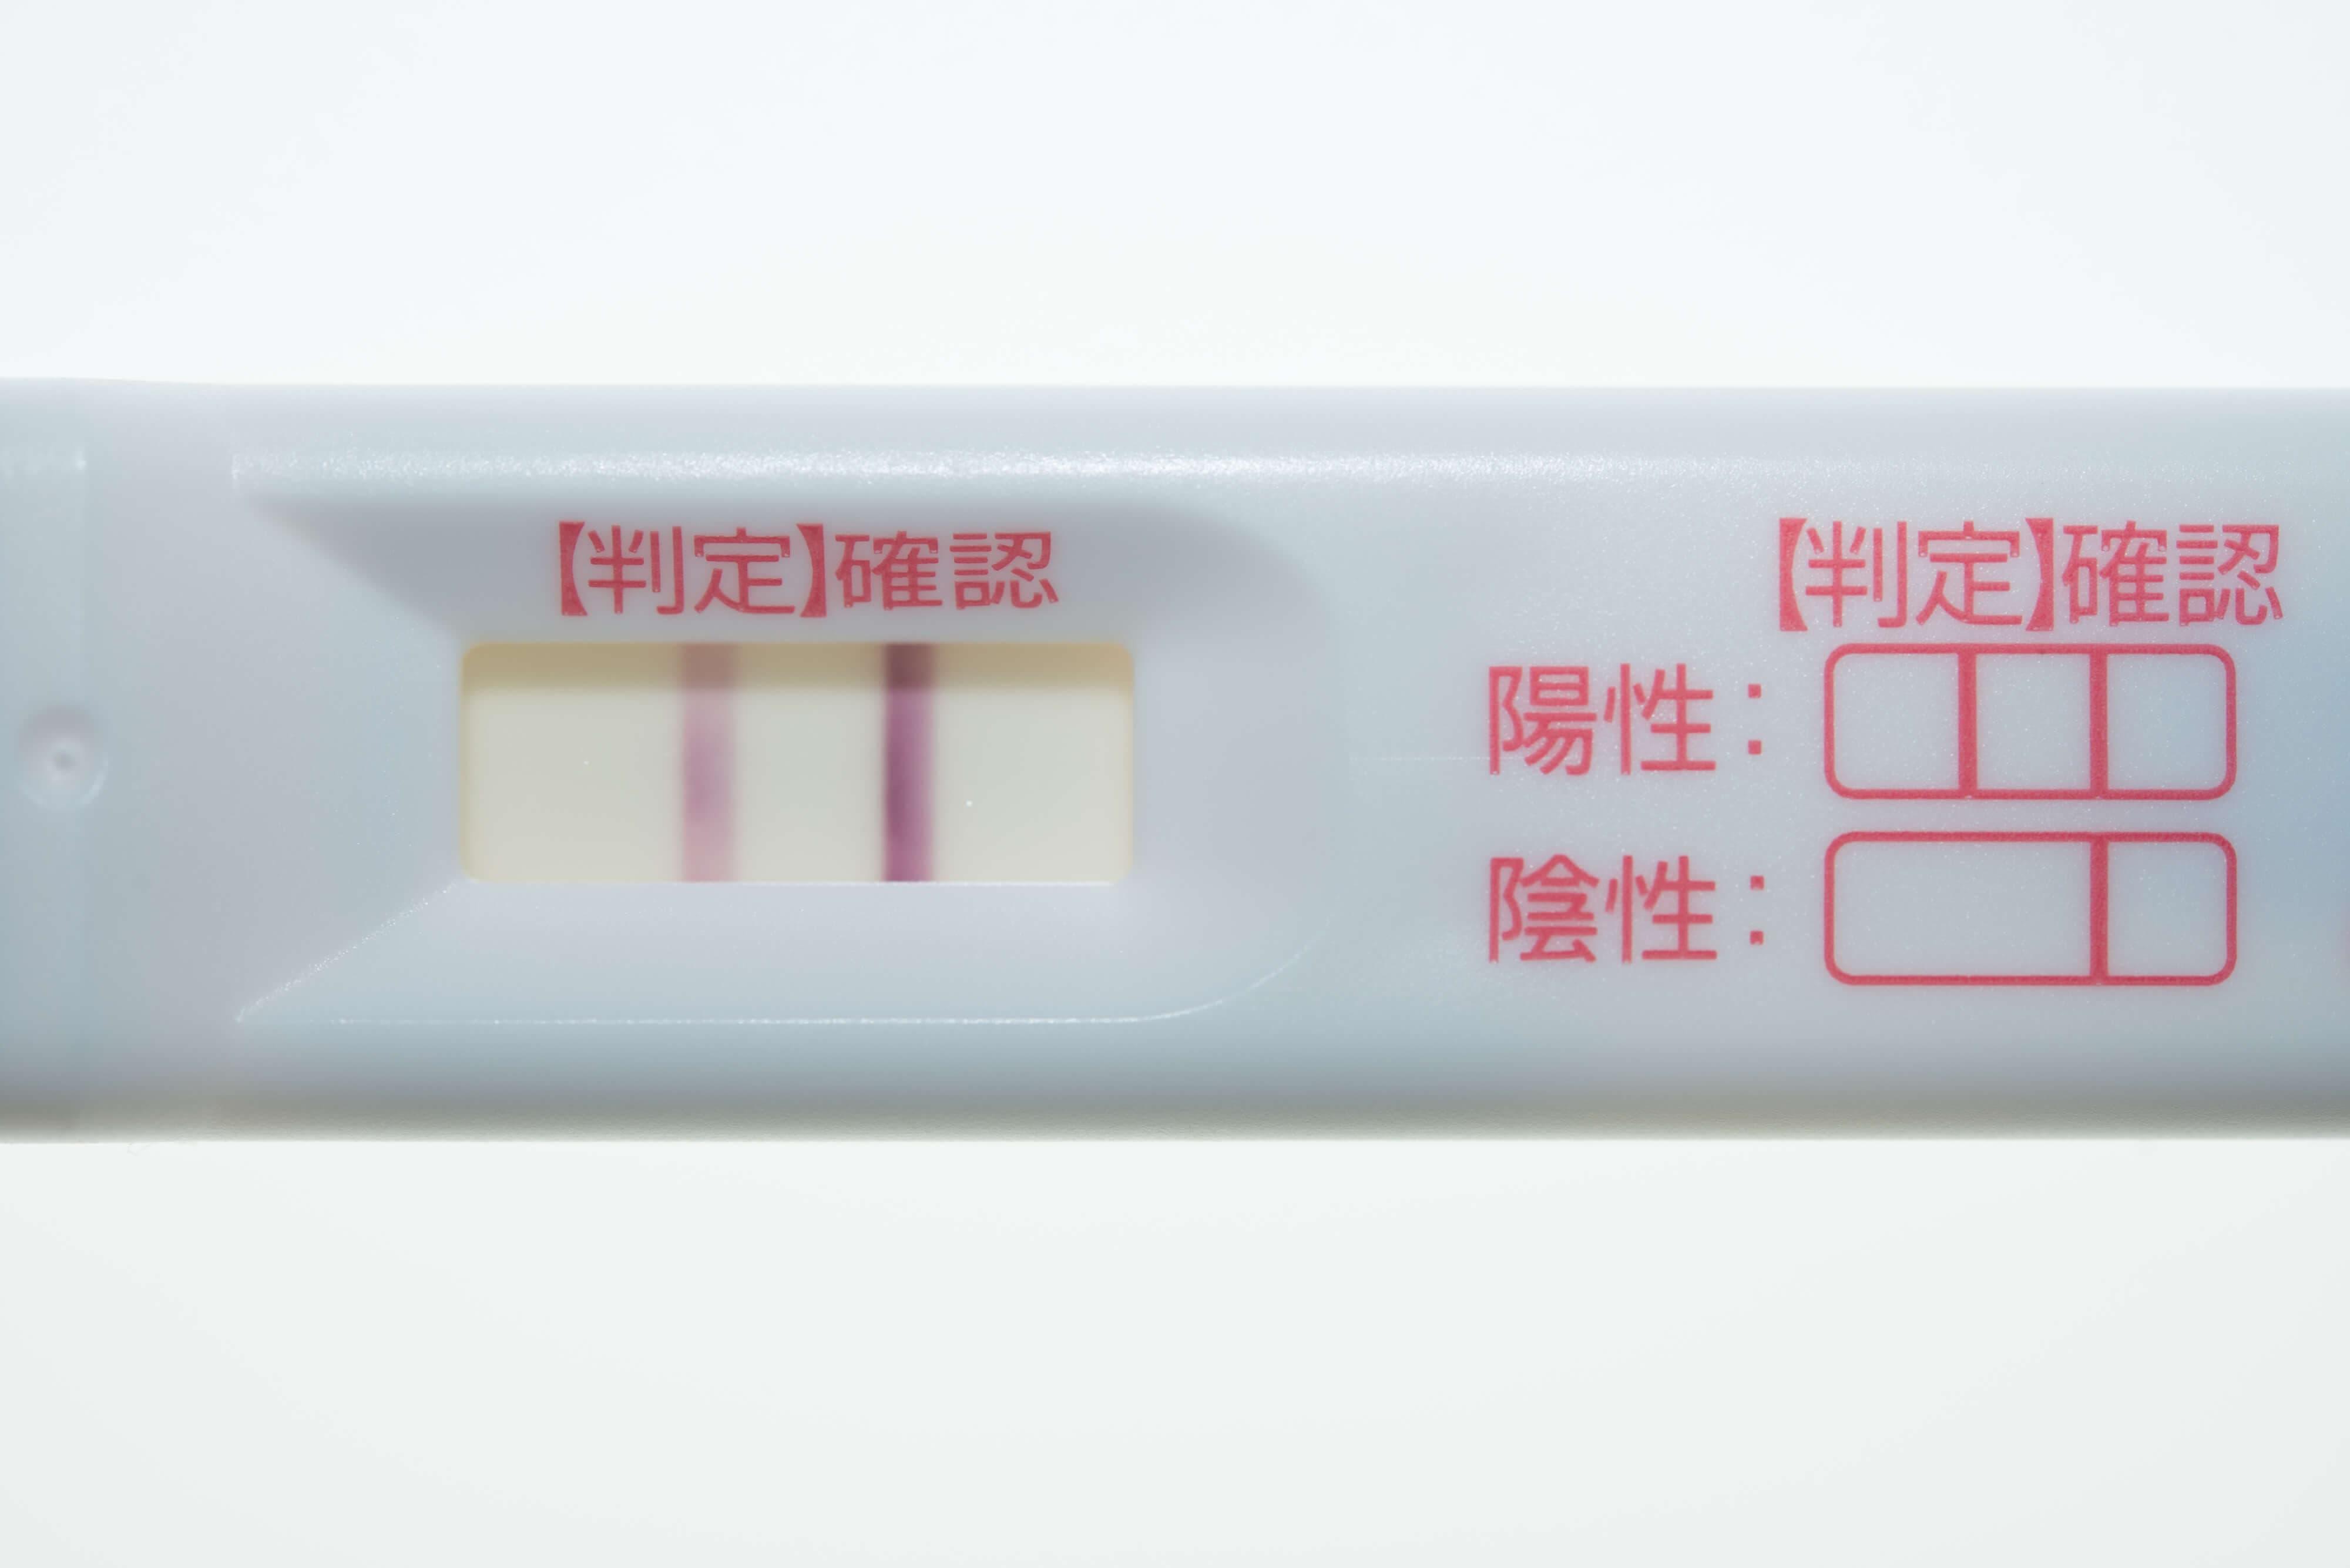 妊娠検査薬が陰性から陽性に変わるのはなぜ?!